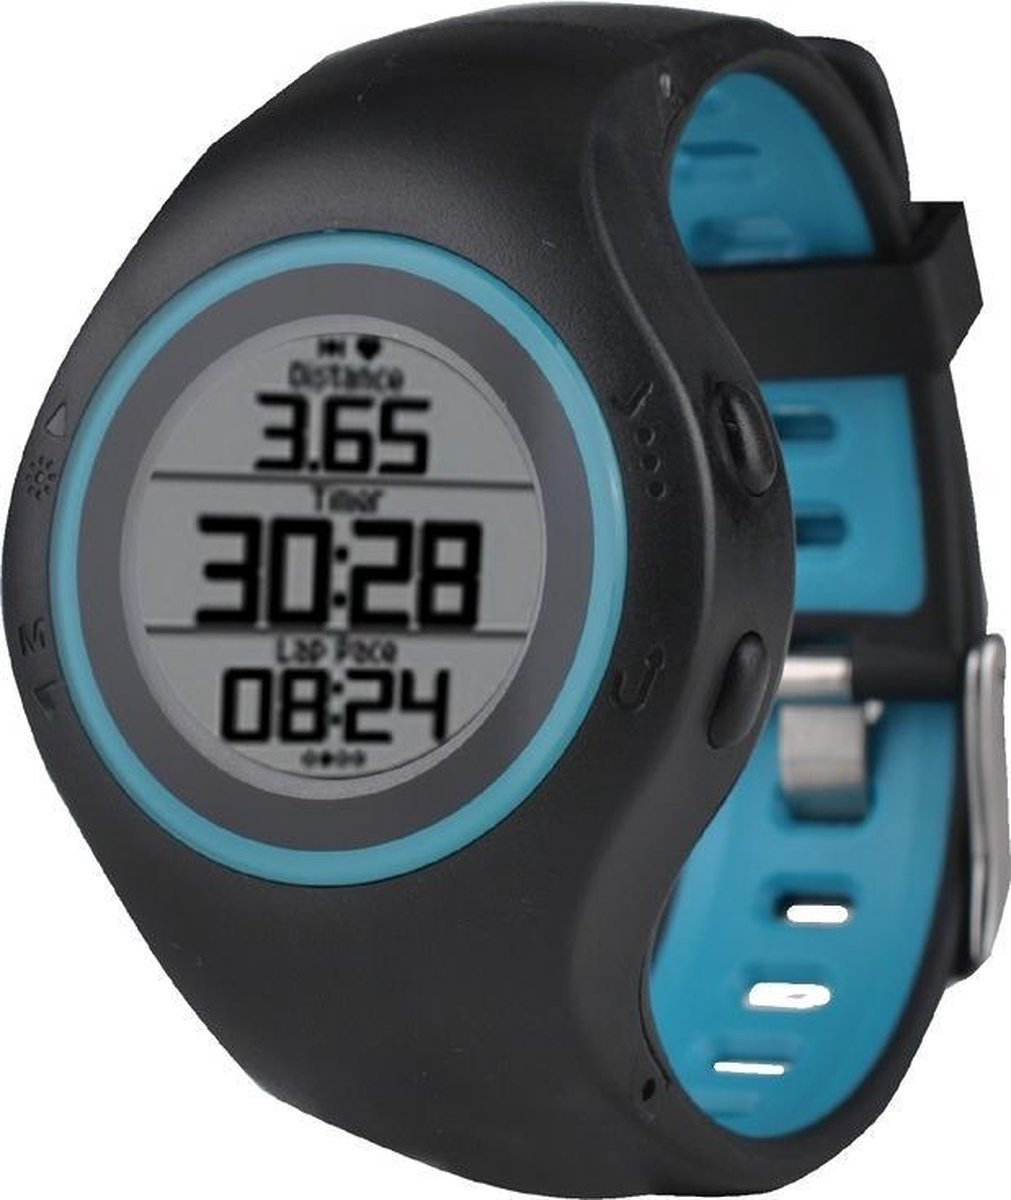 Smartwatch met Stappenteller Billow XSG50PROBL 280 mAh Bluetooth 4.1 GPS Blauw - Billow